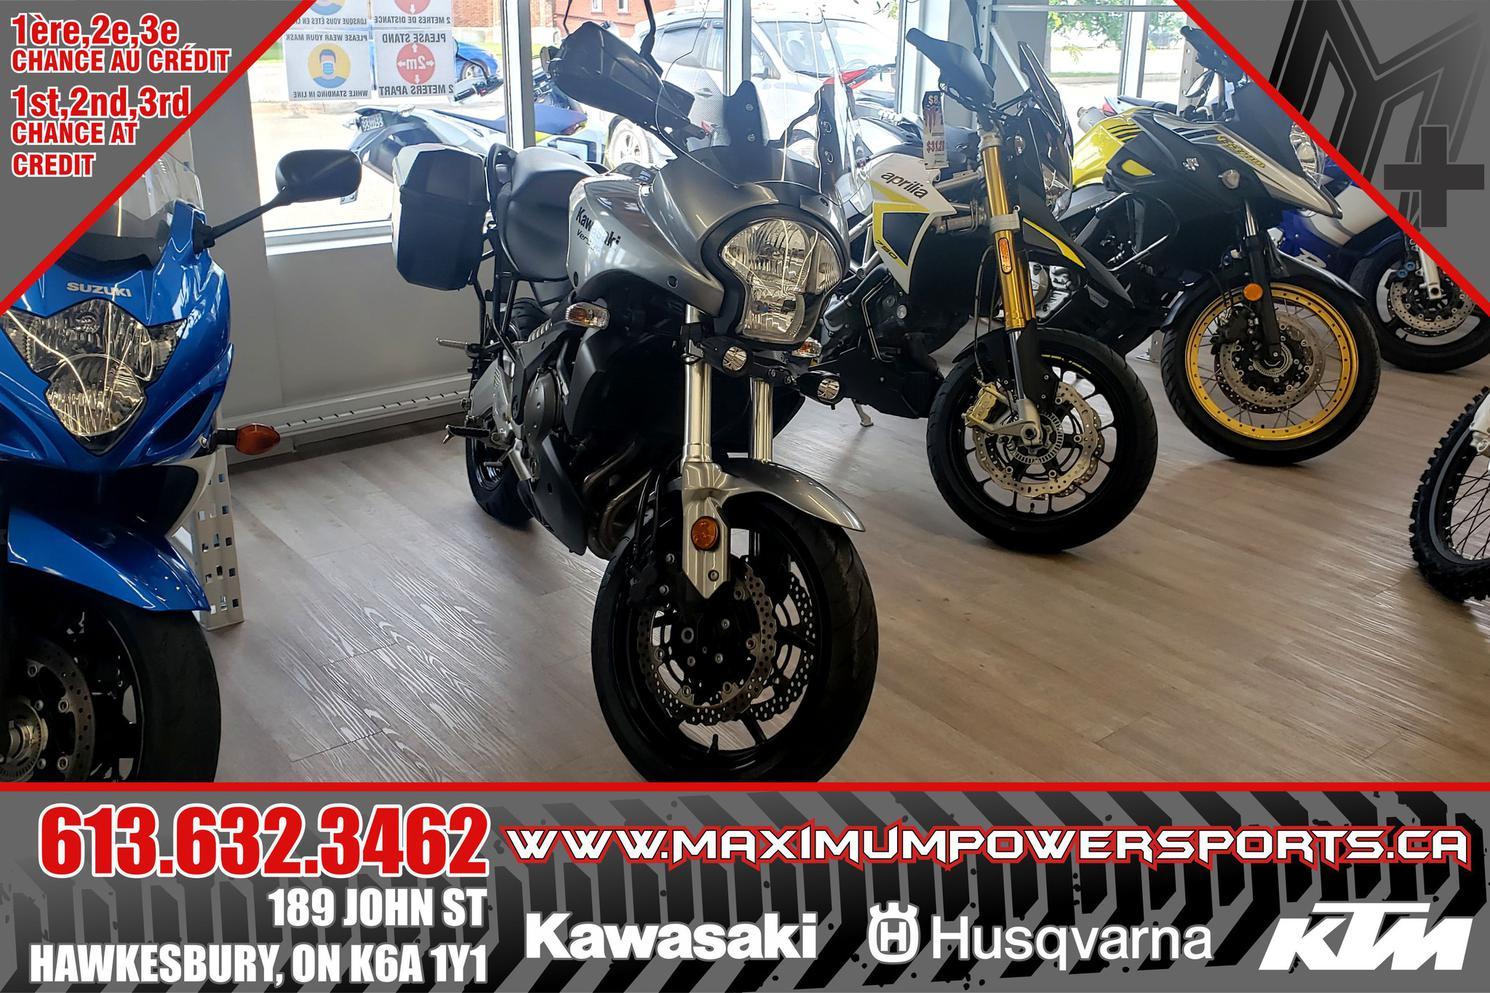 2009 Kawasaki VERSYS 650 ABS VERSYS 650 ABS